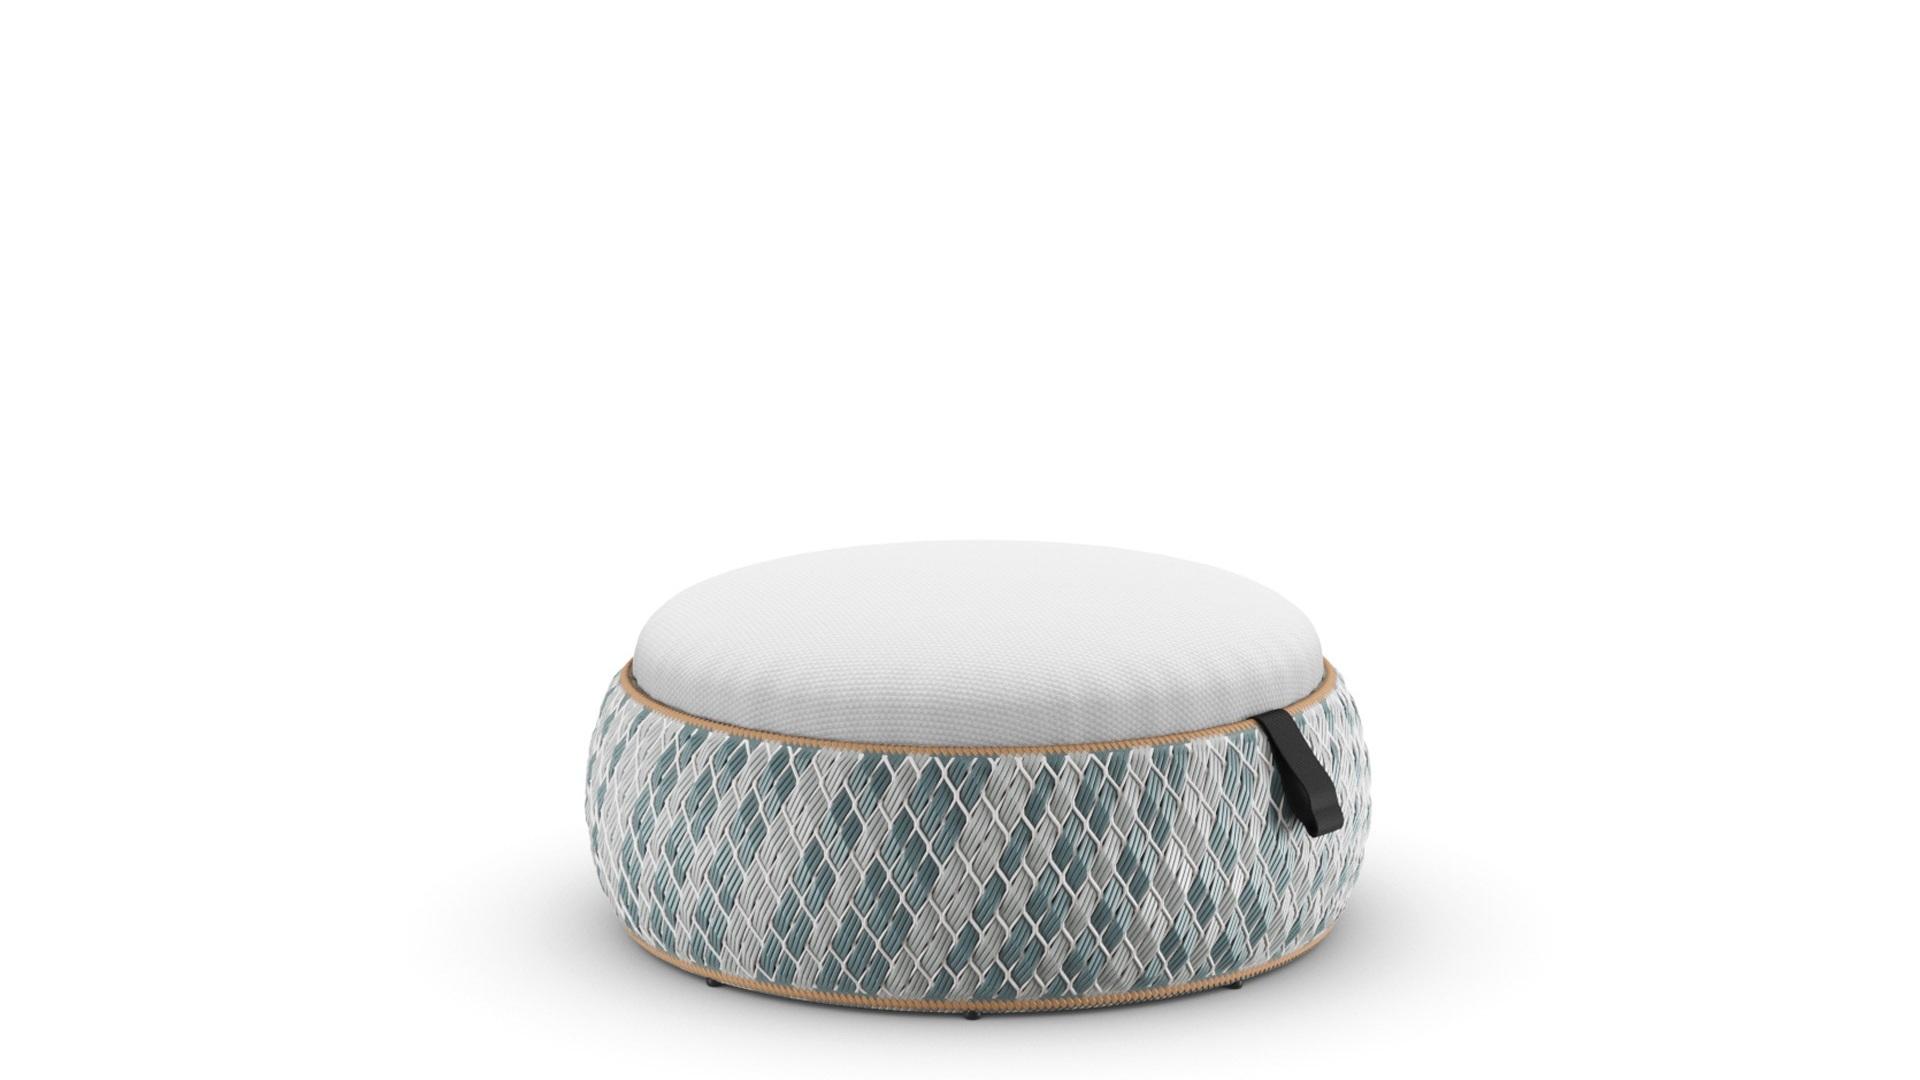 DEDON-DALA-Footstool-bahamas-cool-white.jpg